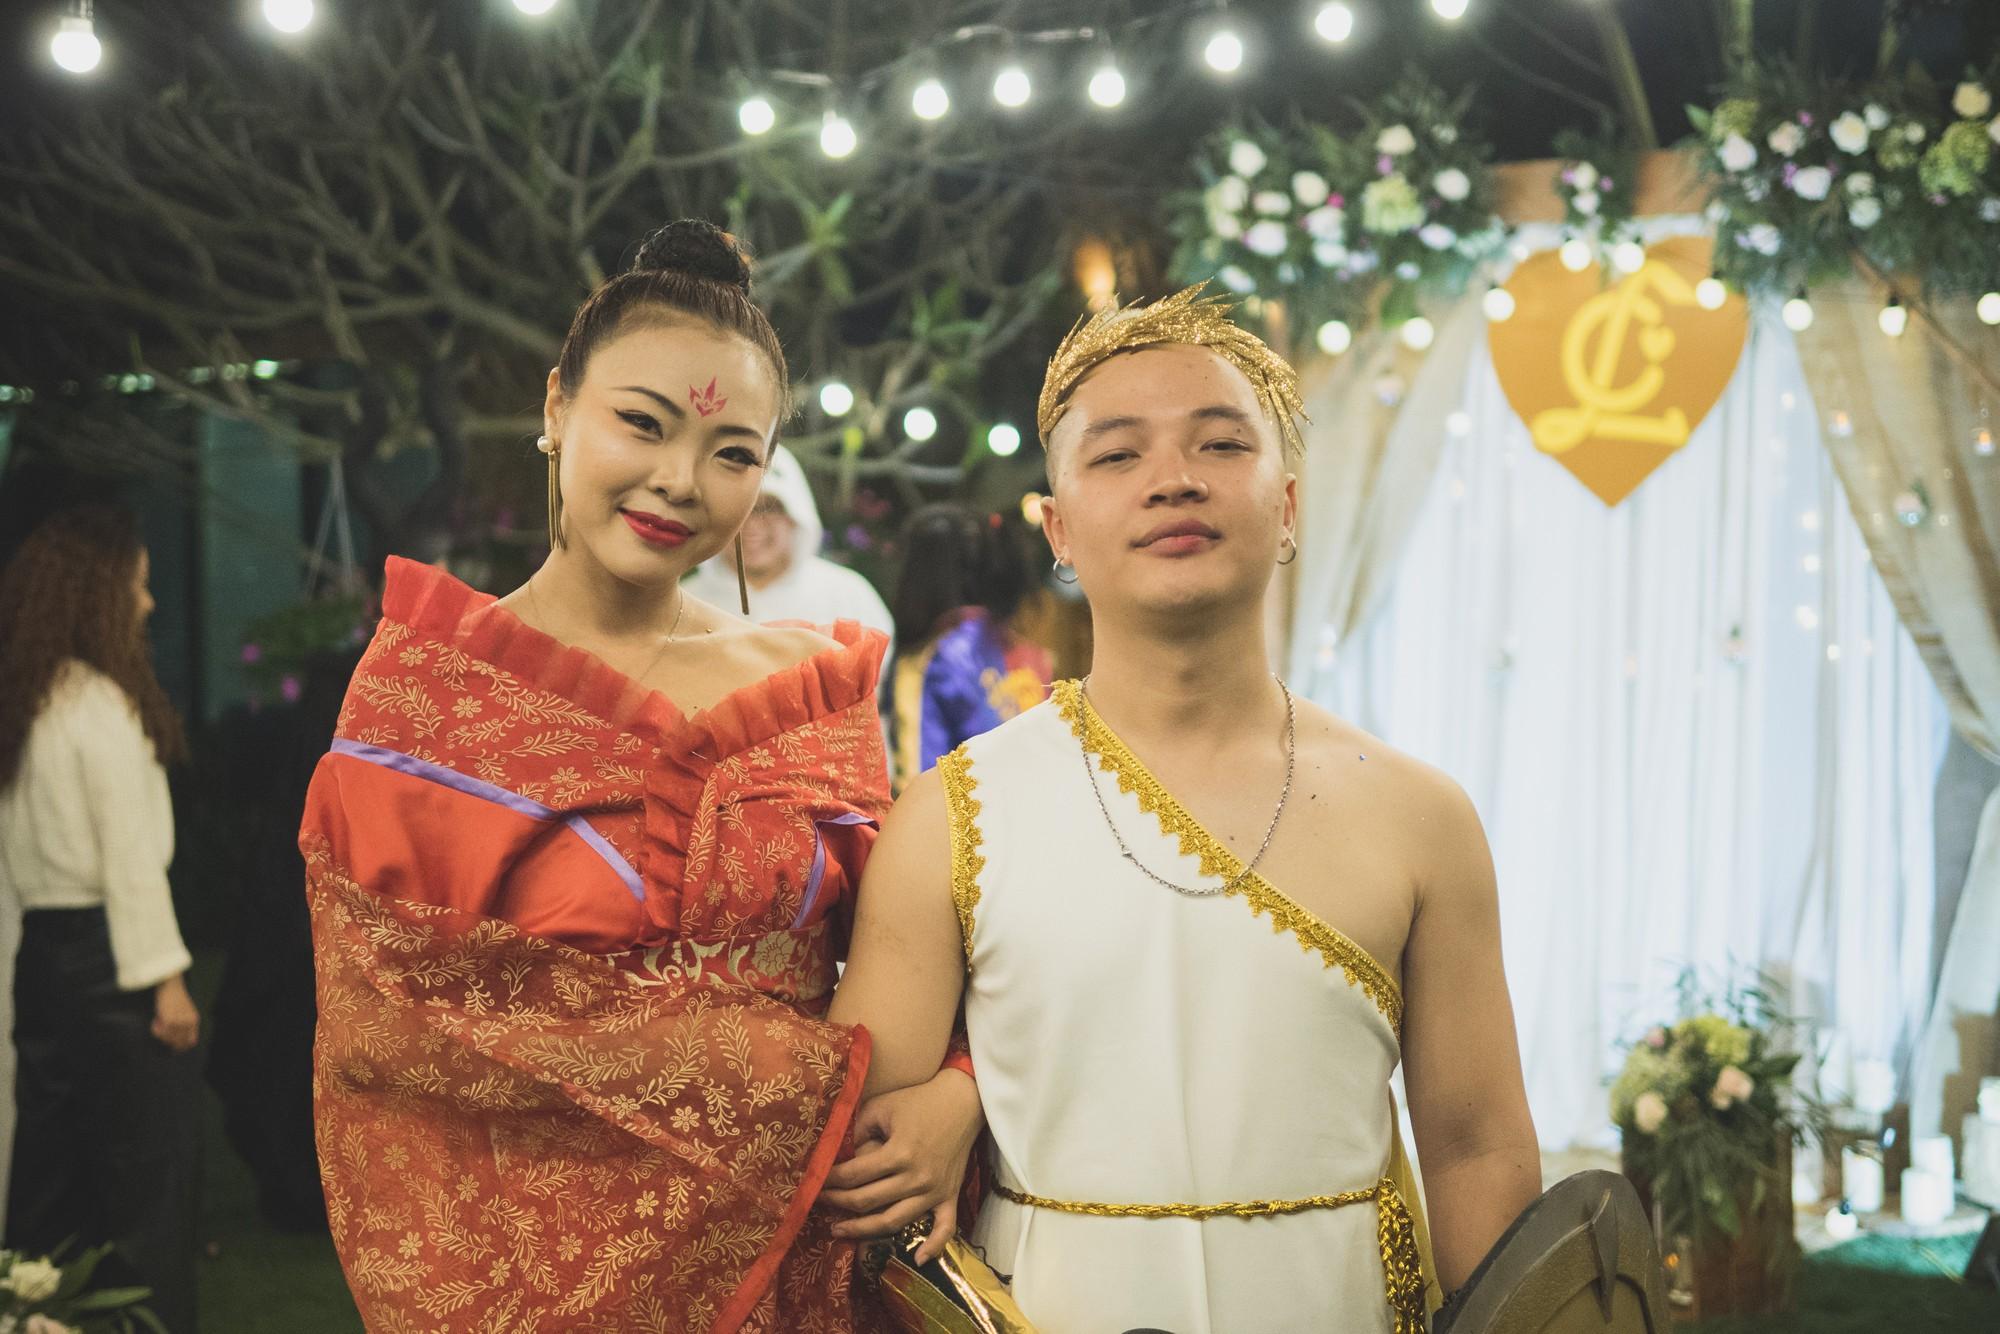 Đám cưới phong cách lẩu thập cẩm: Cô dâu hóa Võ Tắc Thiên, chú rể cosplay thần Hy Lạp - Ảnh 7.